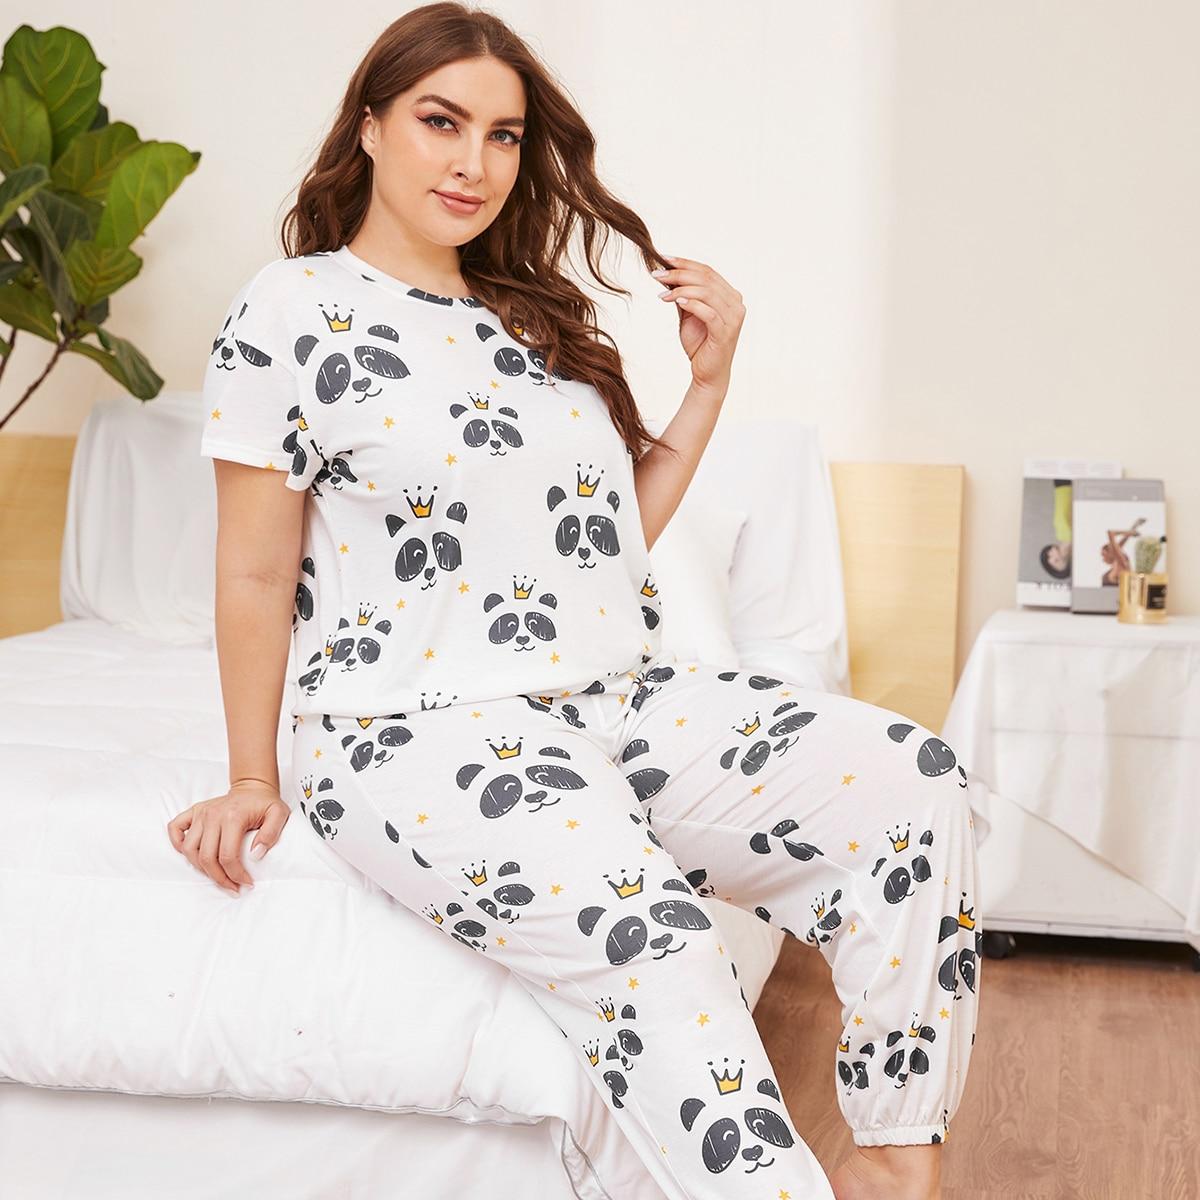 Белый Мультяшный принт милый Пижама размер плюс фото